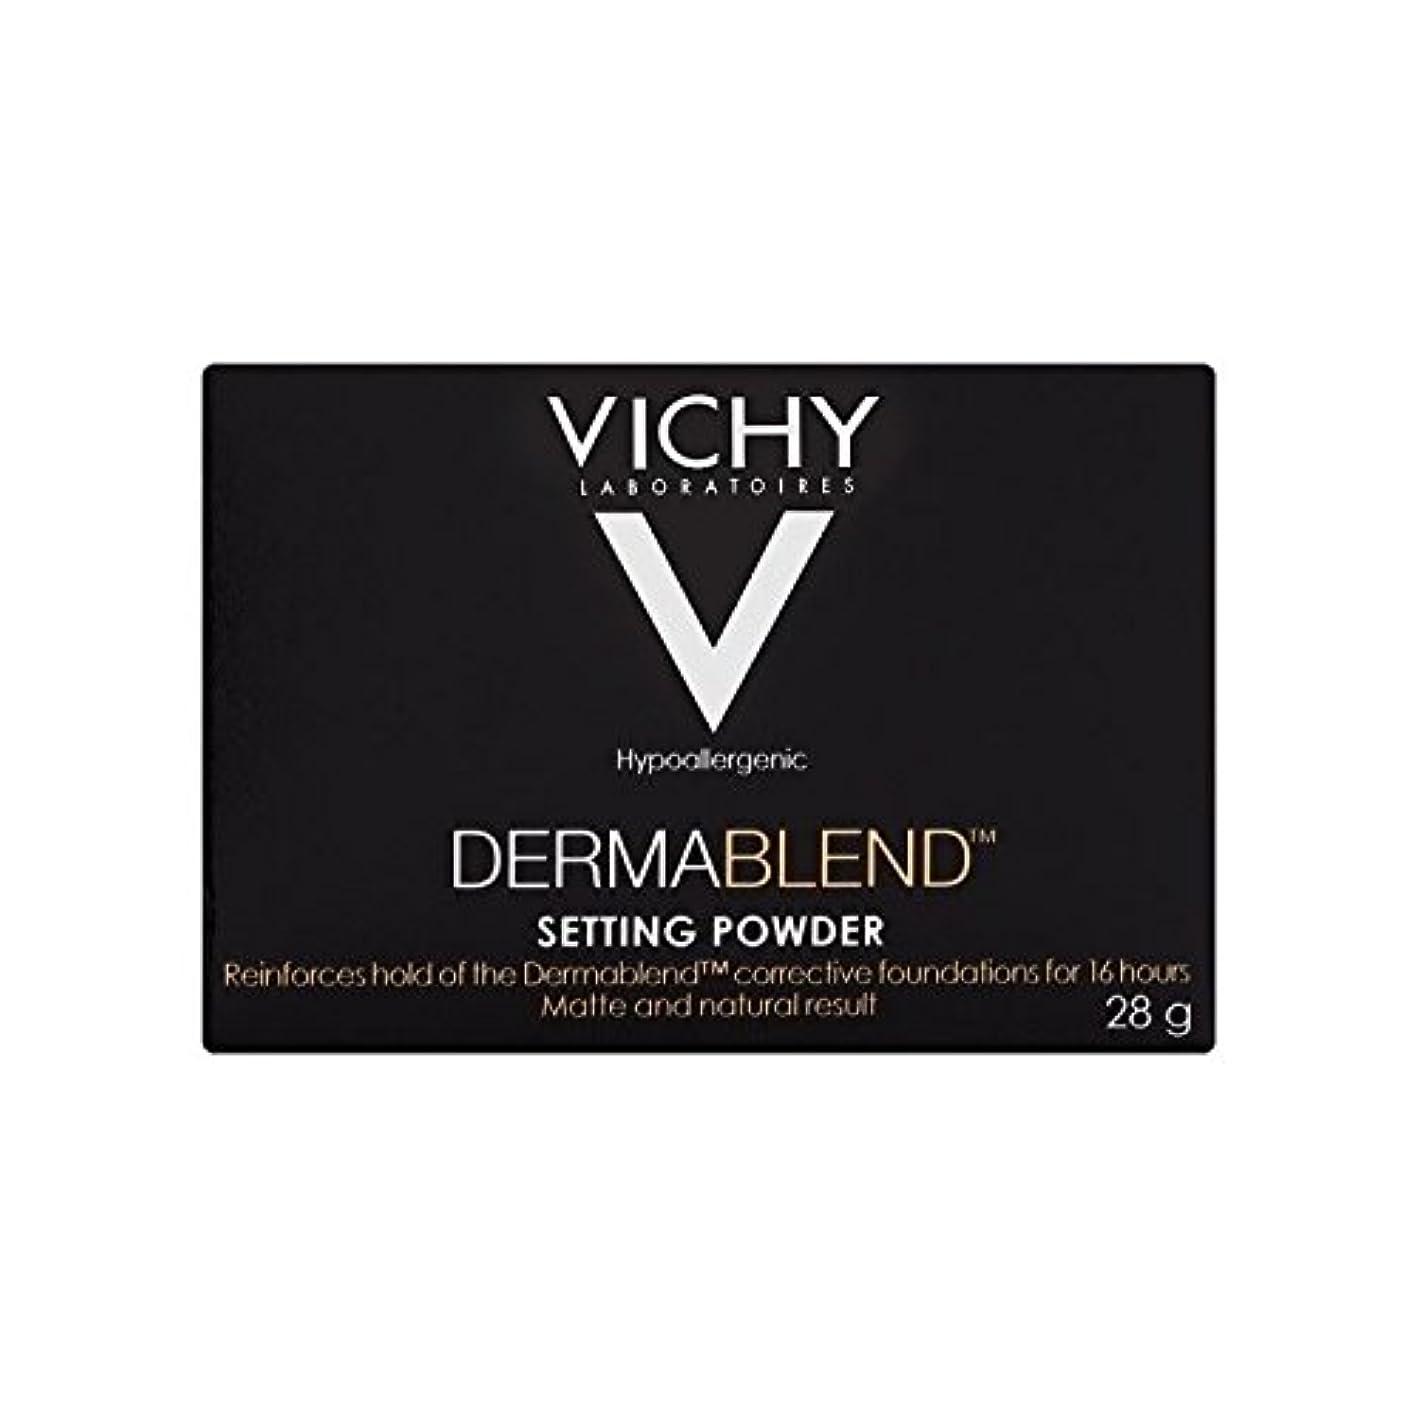 かすかな何十人も倫理ヴィシー設定粉末28グラム x2 - Vichy Dermablend Setting Powder 28g (Pack of 2) [並行輸入品]